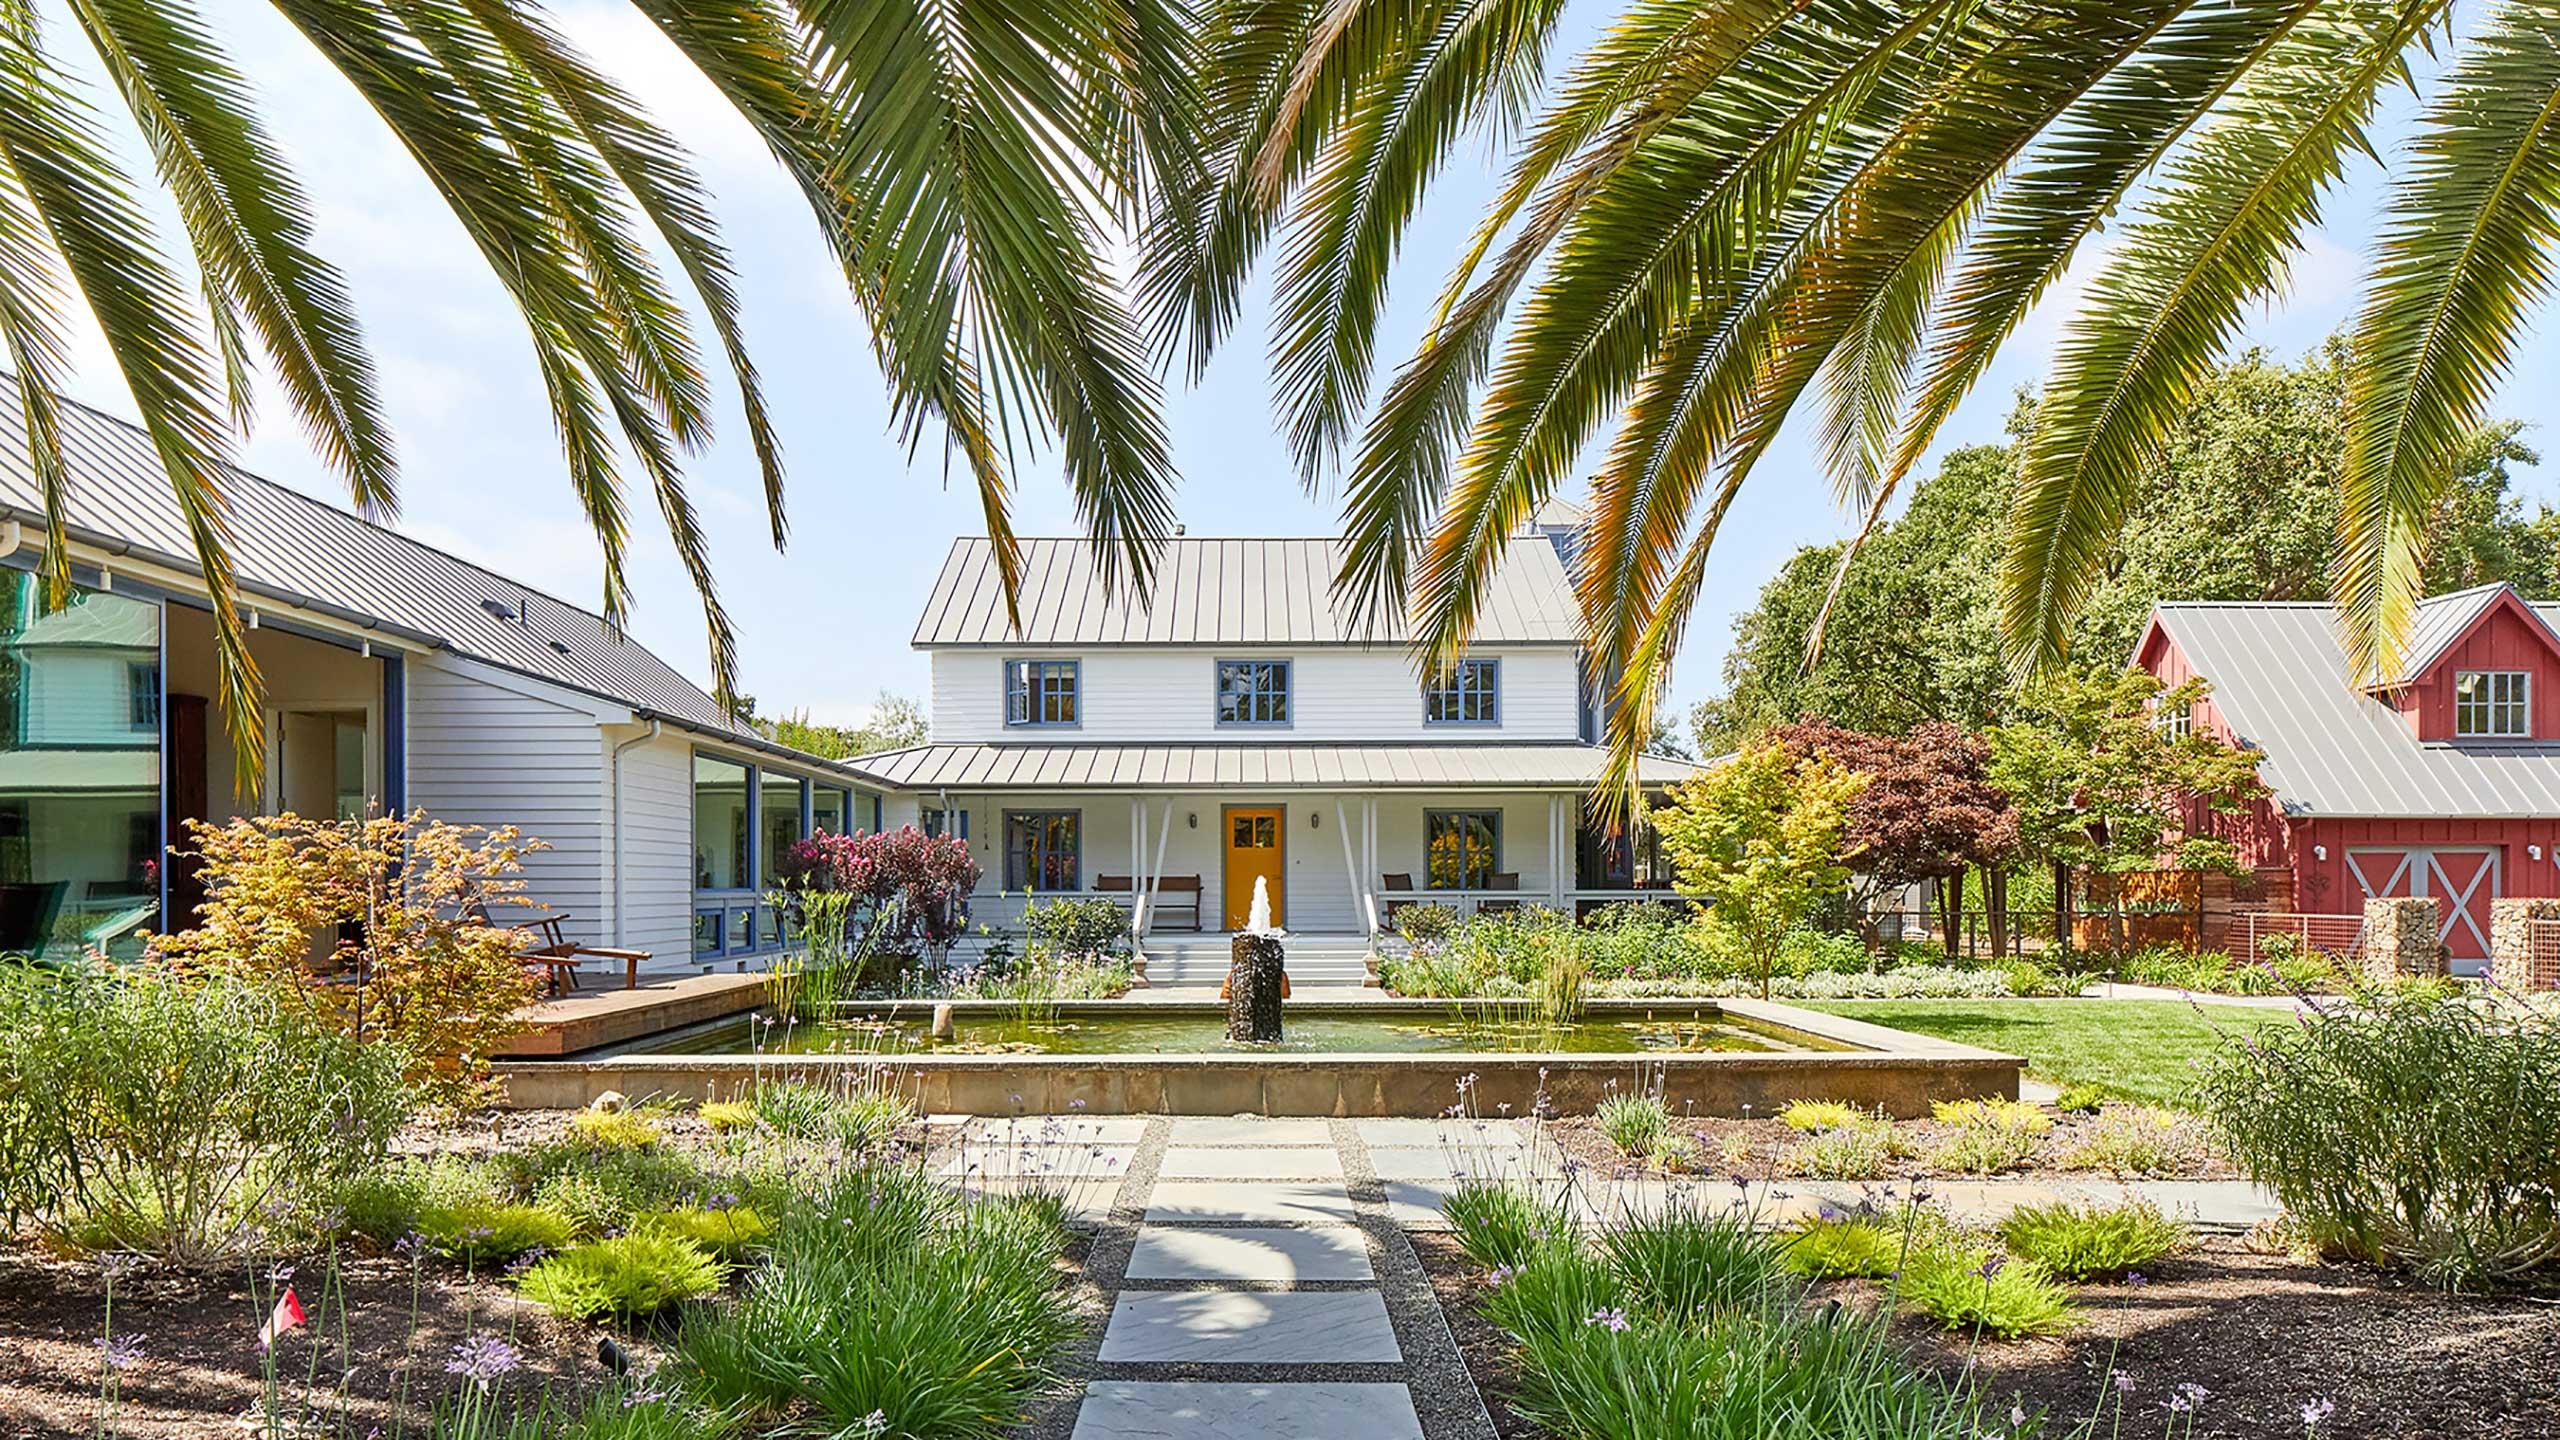 Napa-Farmhouse-palm-trees-houses-around-courtyard